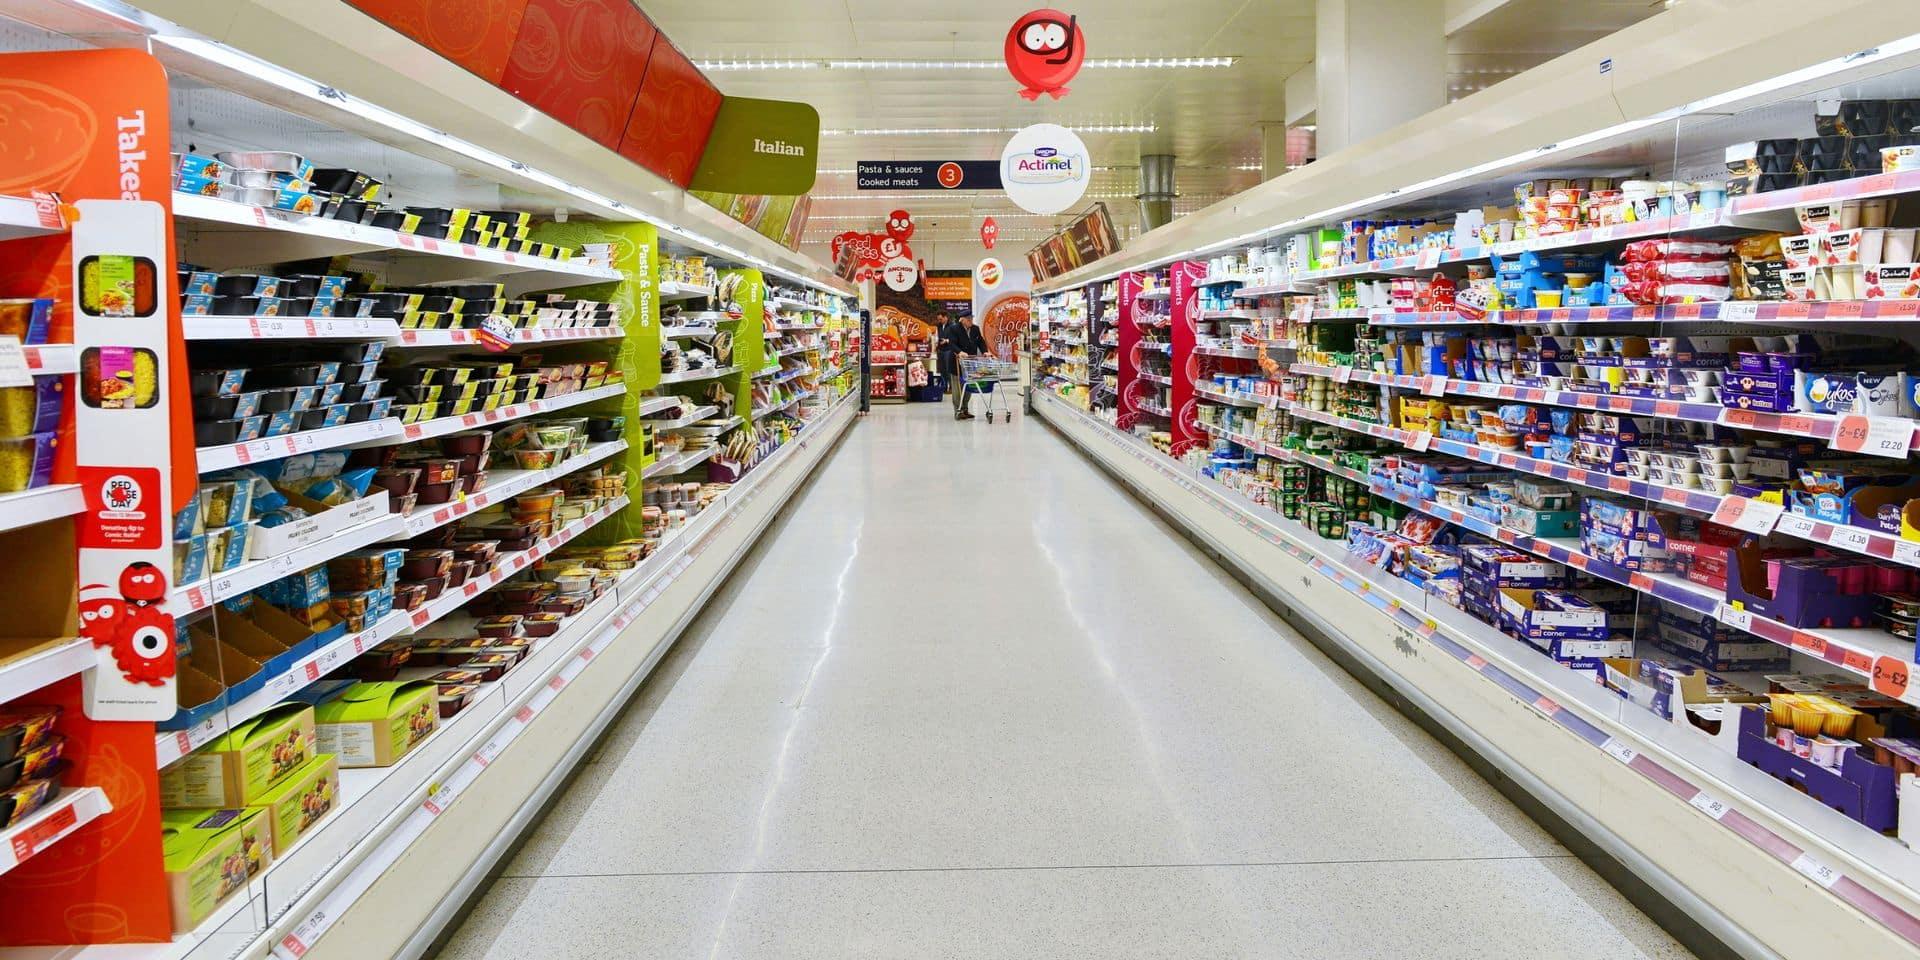 Un homme devient fou dans un magasin et vide les rayons après qu'on lui ait demandé de porter un masque (VIDEO)